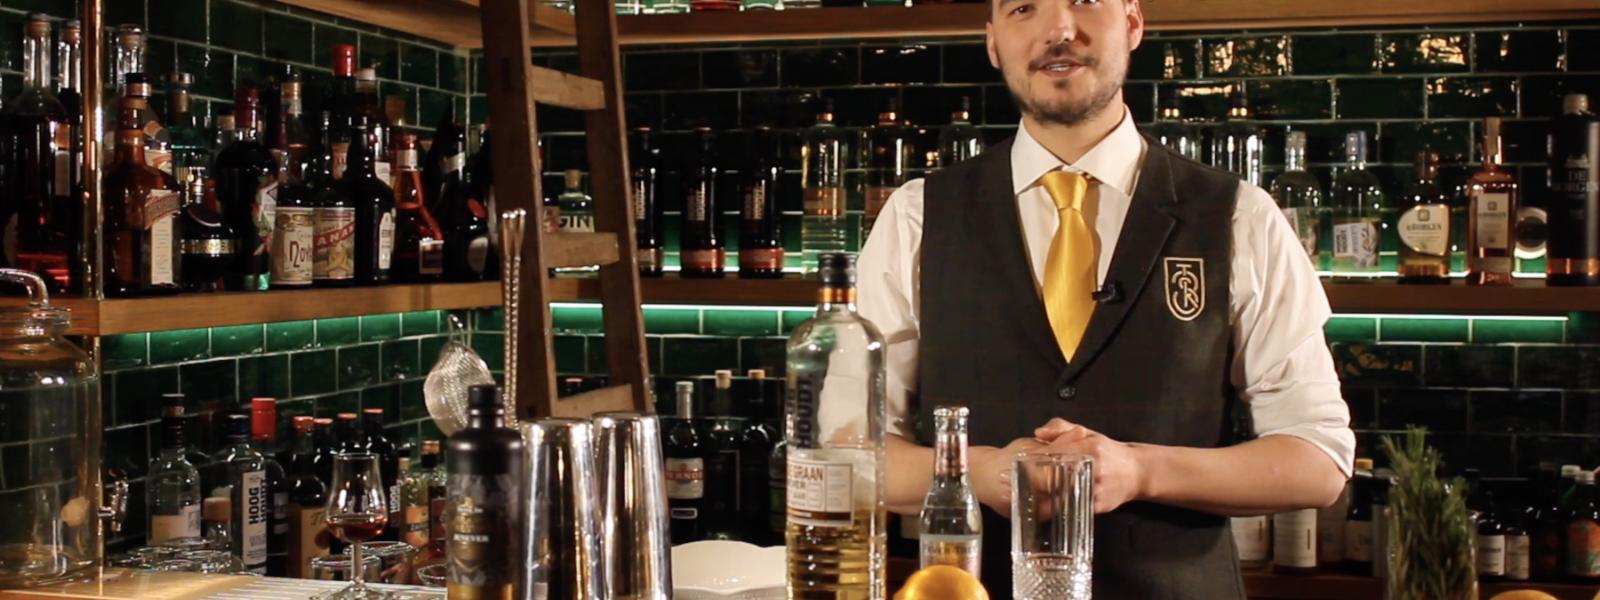 Hoe maak je een John Collins Cocktail? In CocktailWeetjes duikt HorecaNederland.TV in de wereld van de cocktails! In aflevering 1 de John Collins Cocktail.